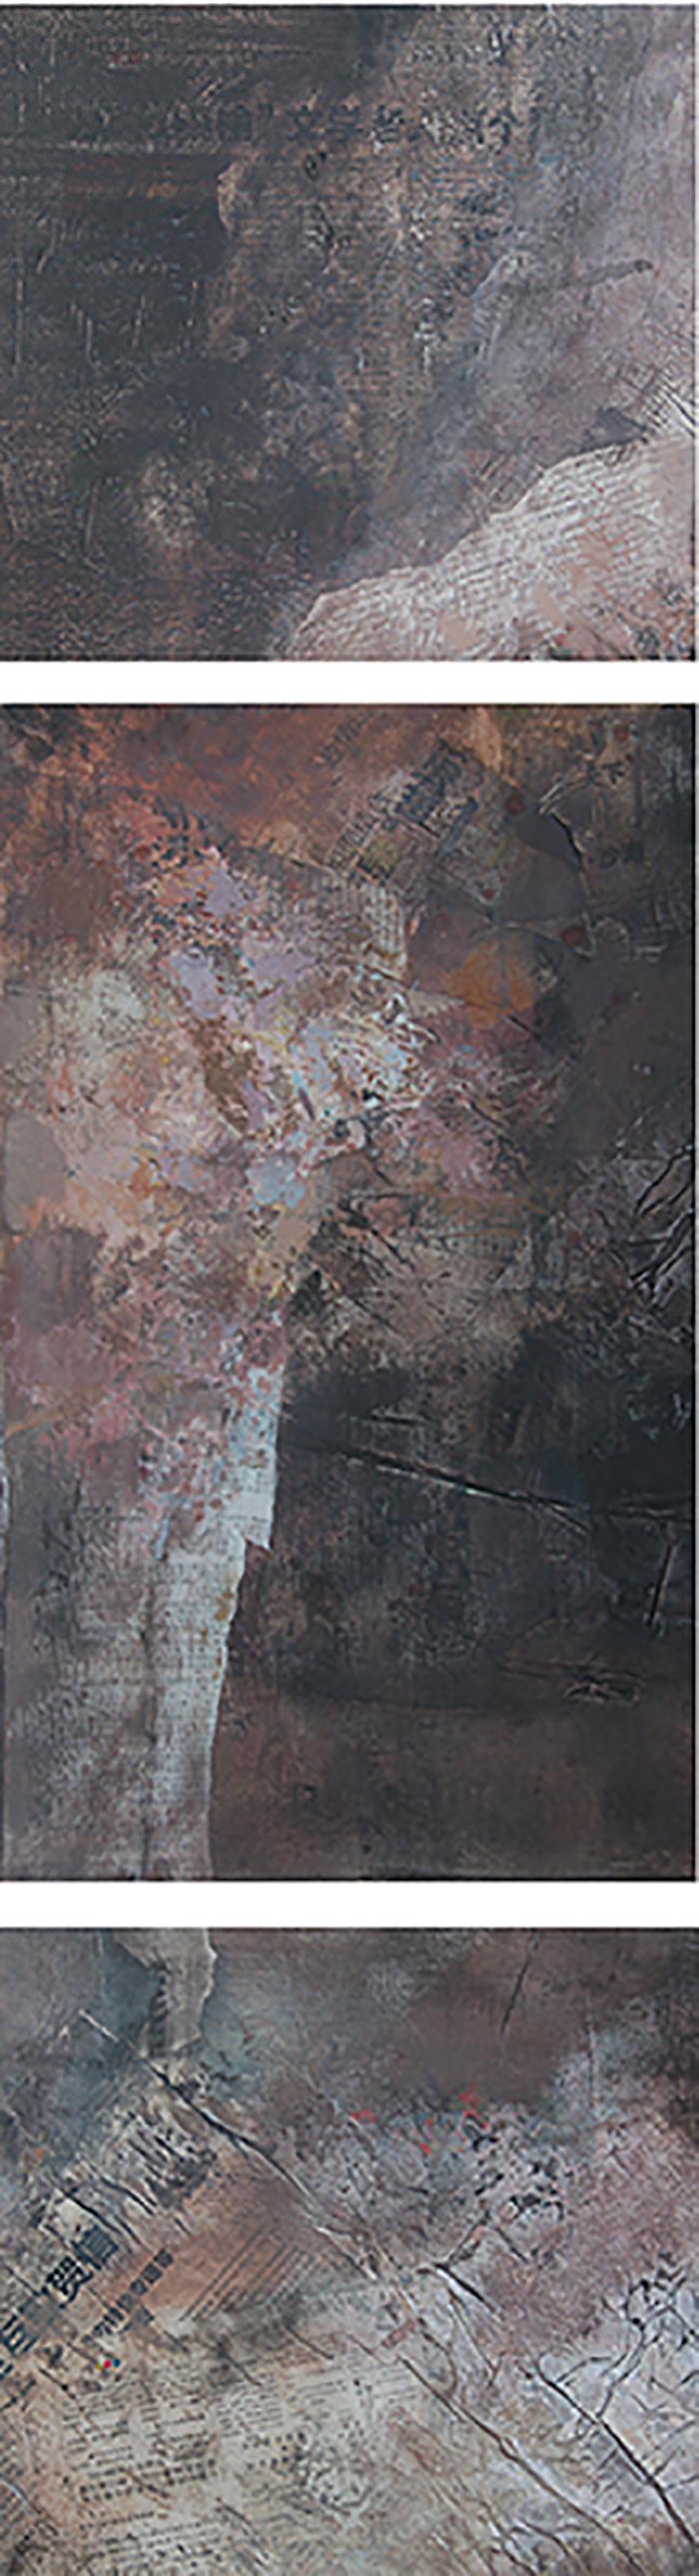 《远域心迹之2》水粉综合材料 45x140cm1.jpg